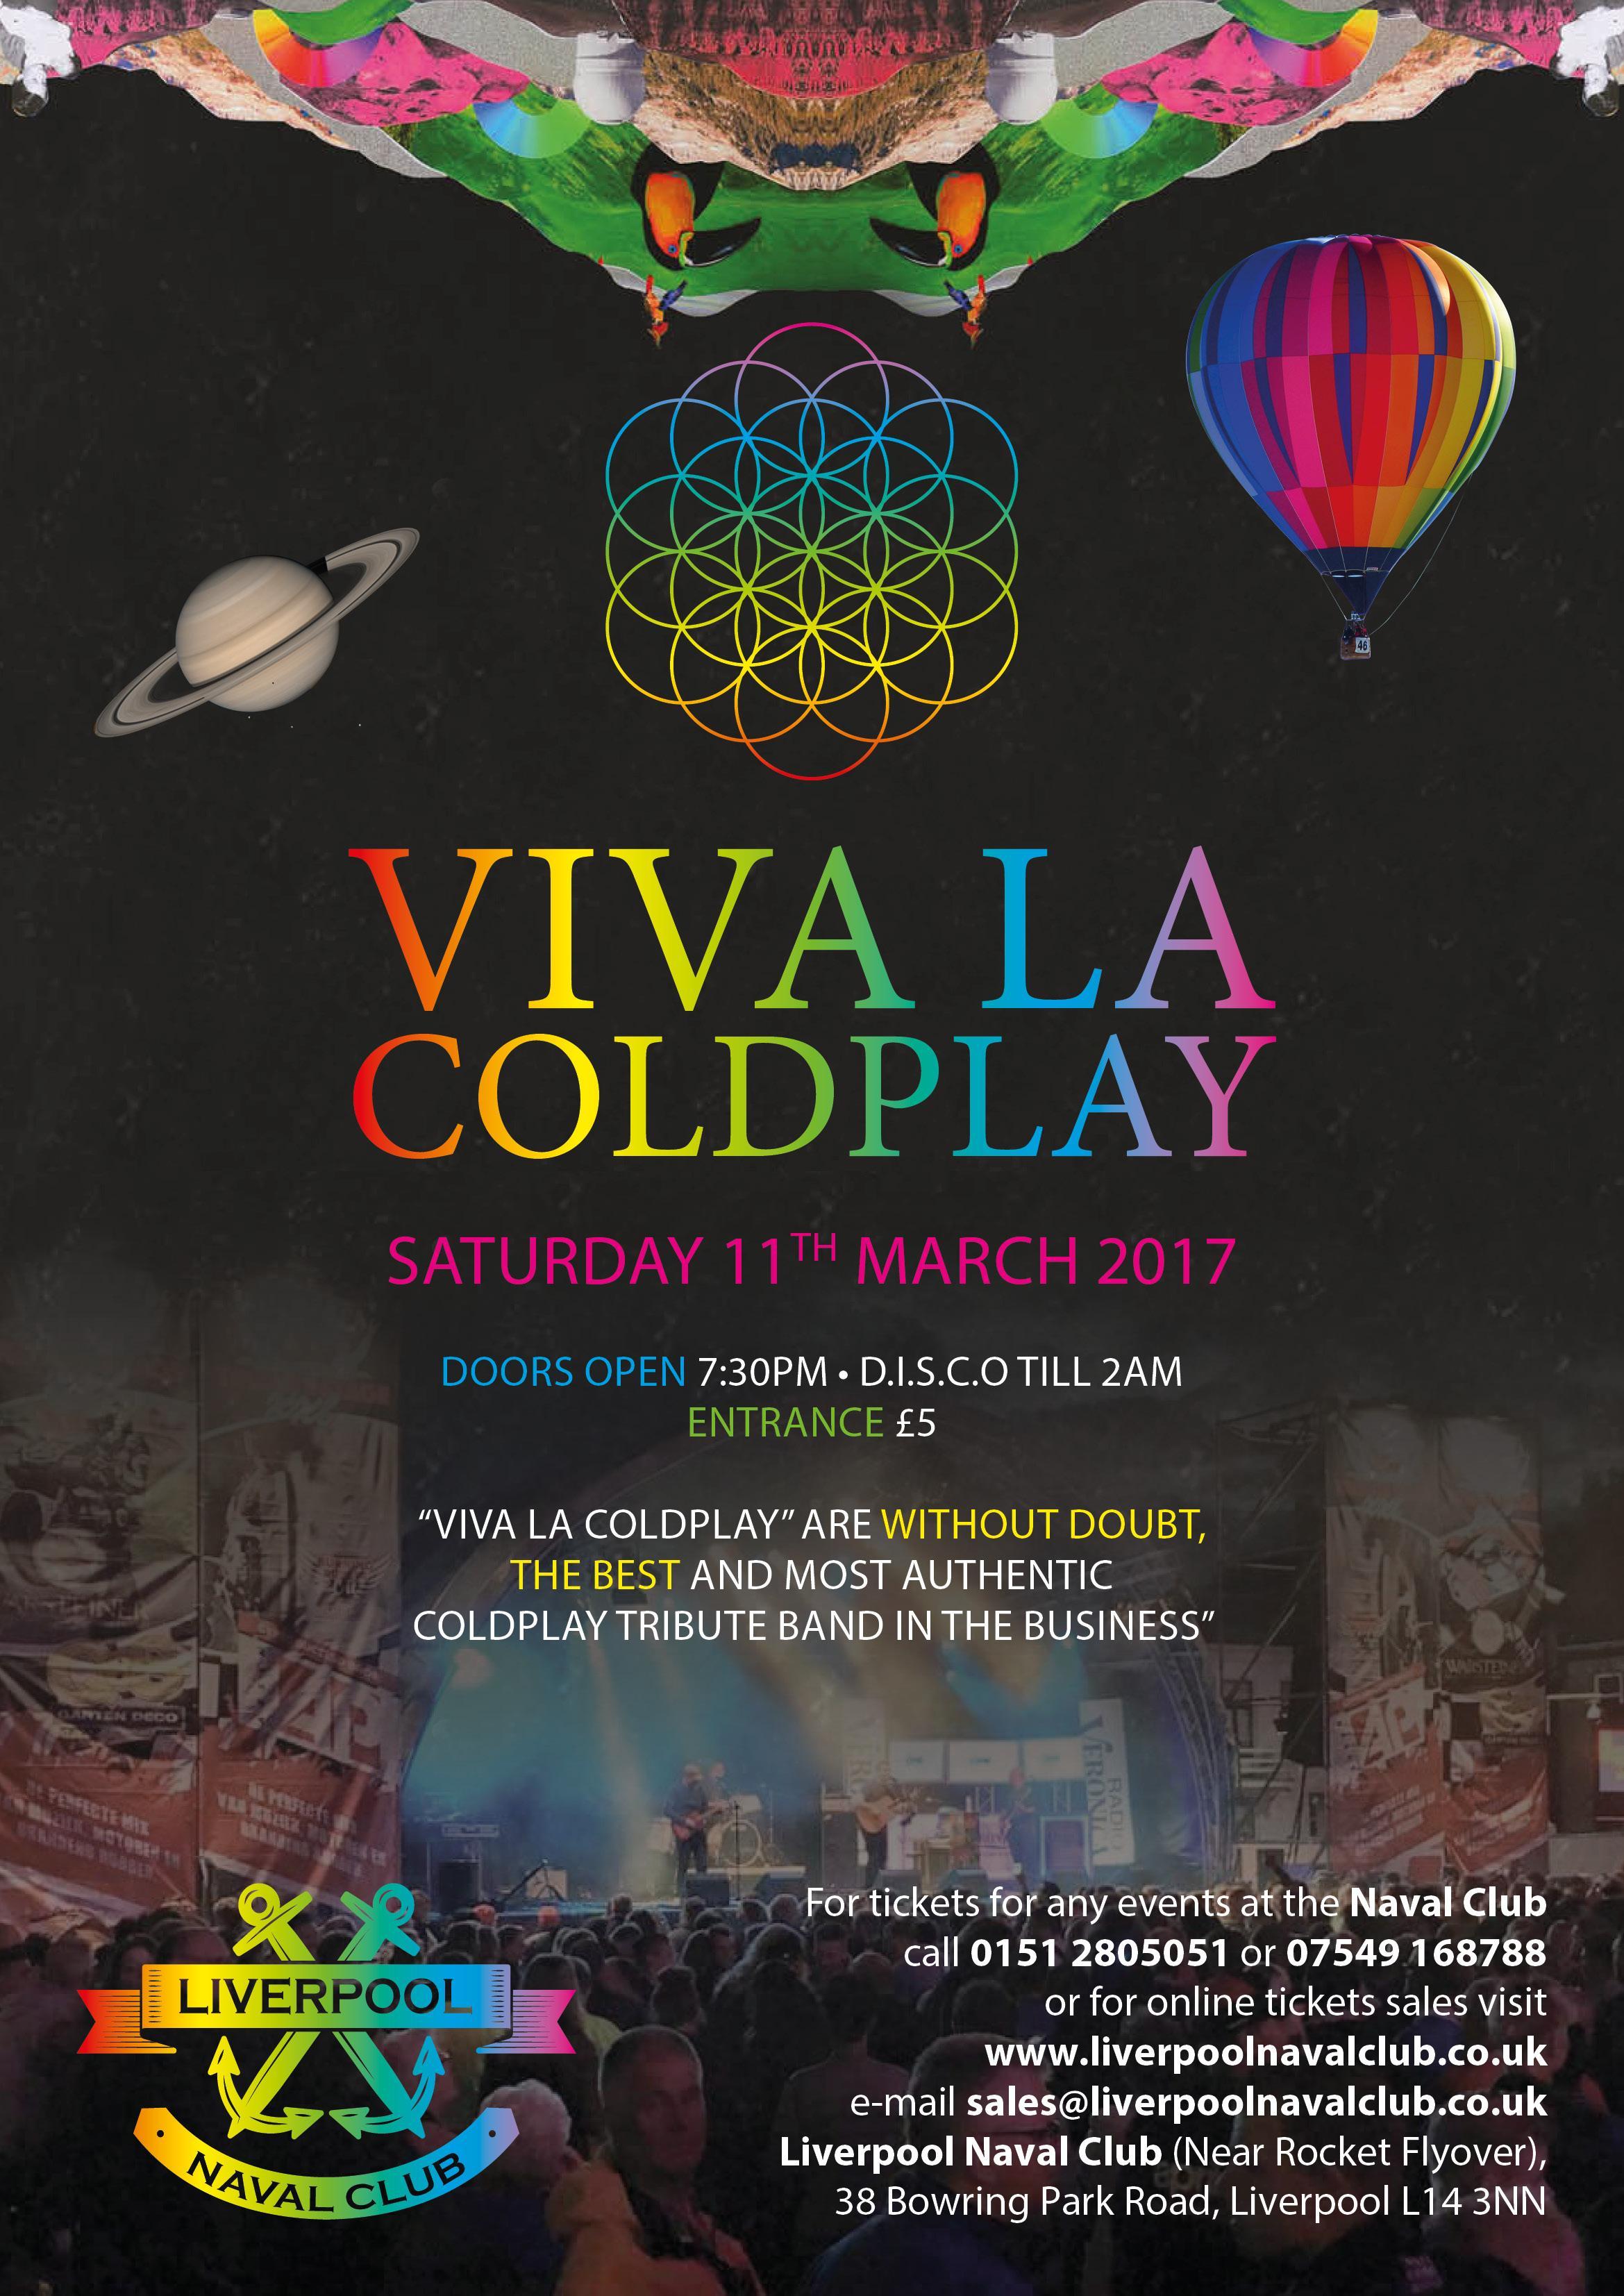 Viva La Coldplay (Brilliant Coldplay tribute